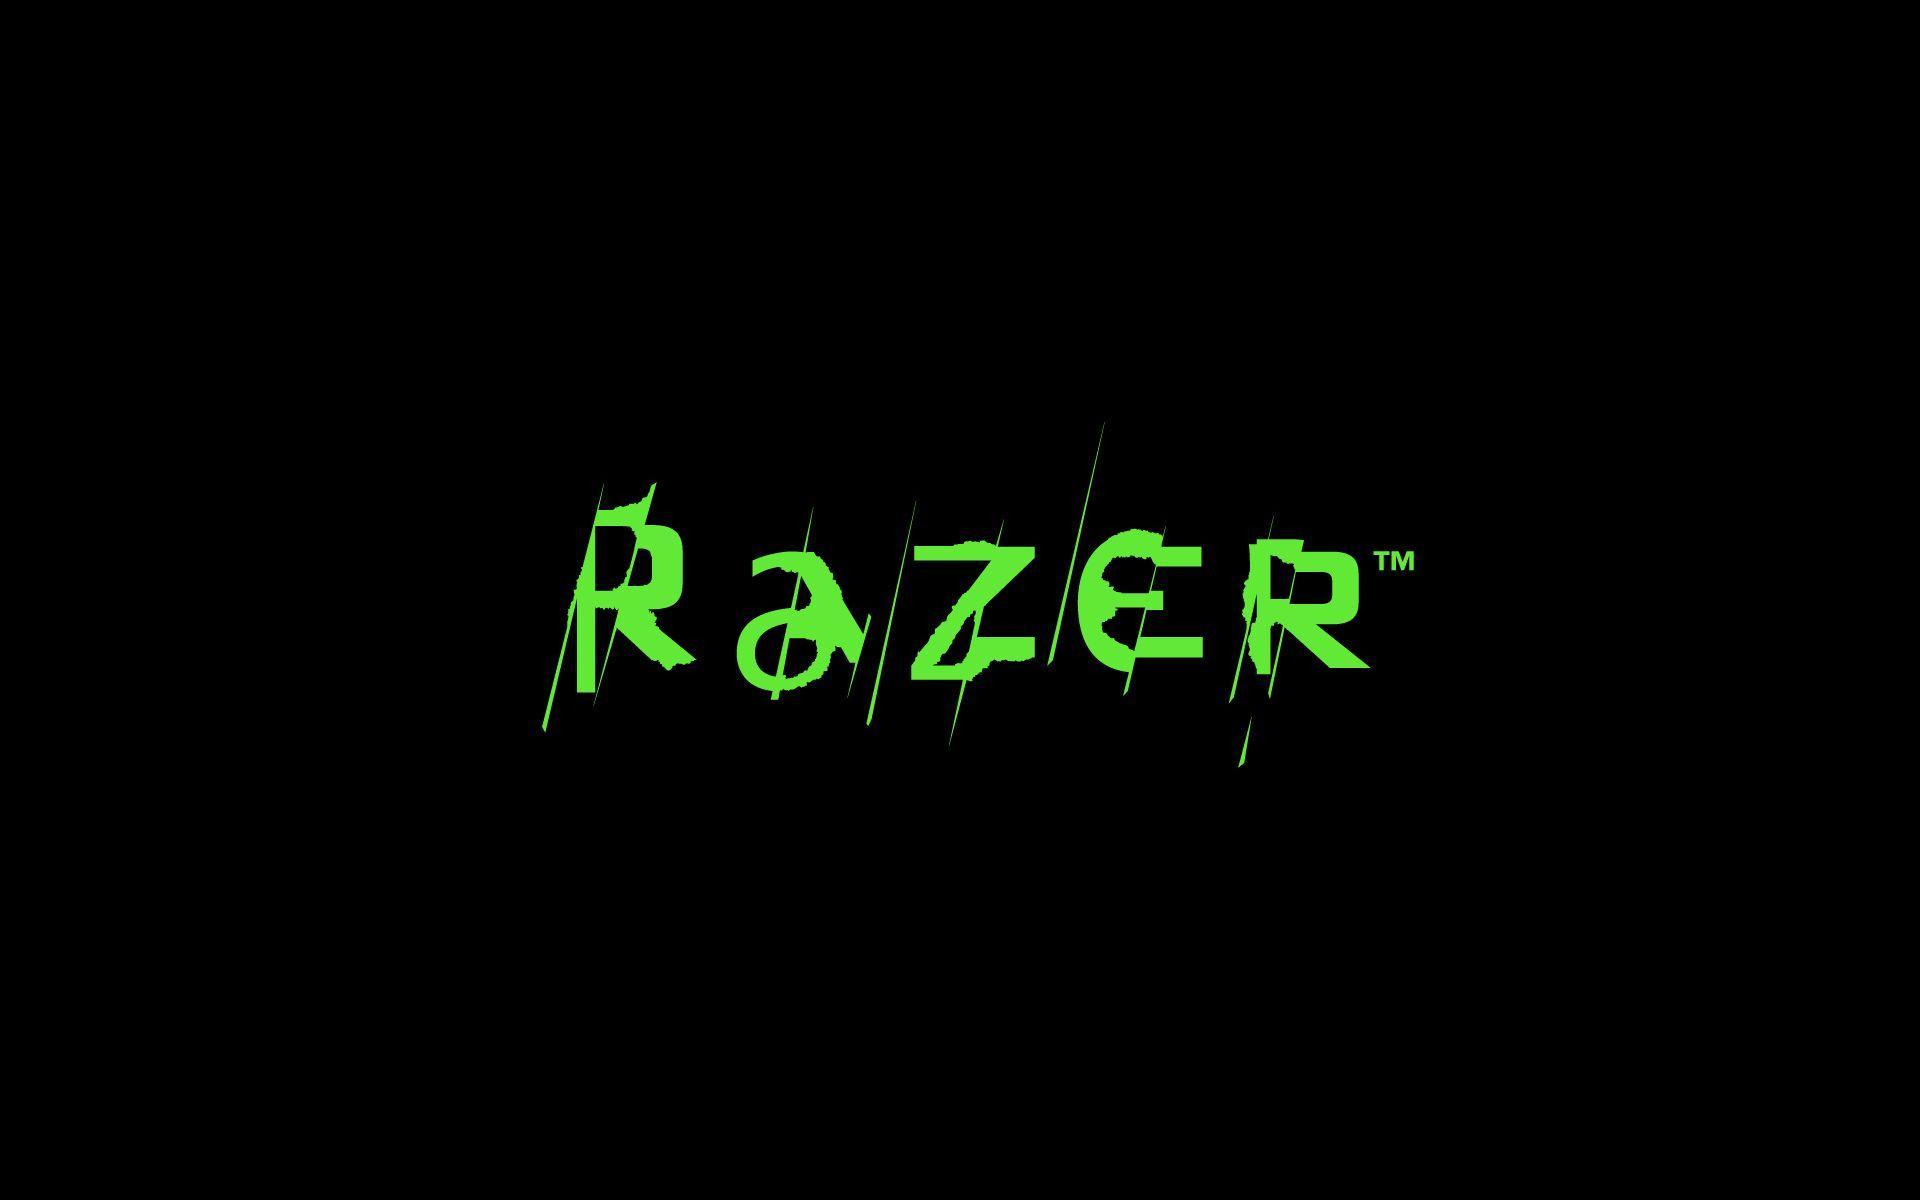 razer computer wallpapers desktop - photo #15